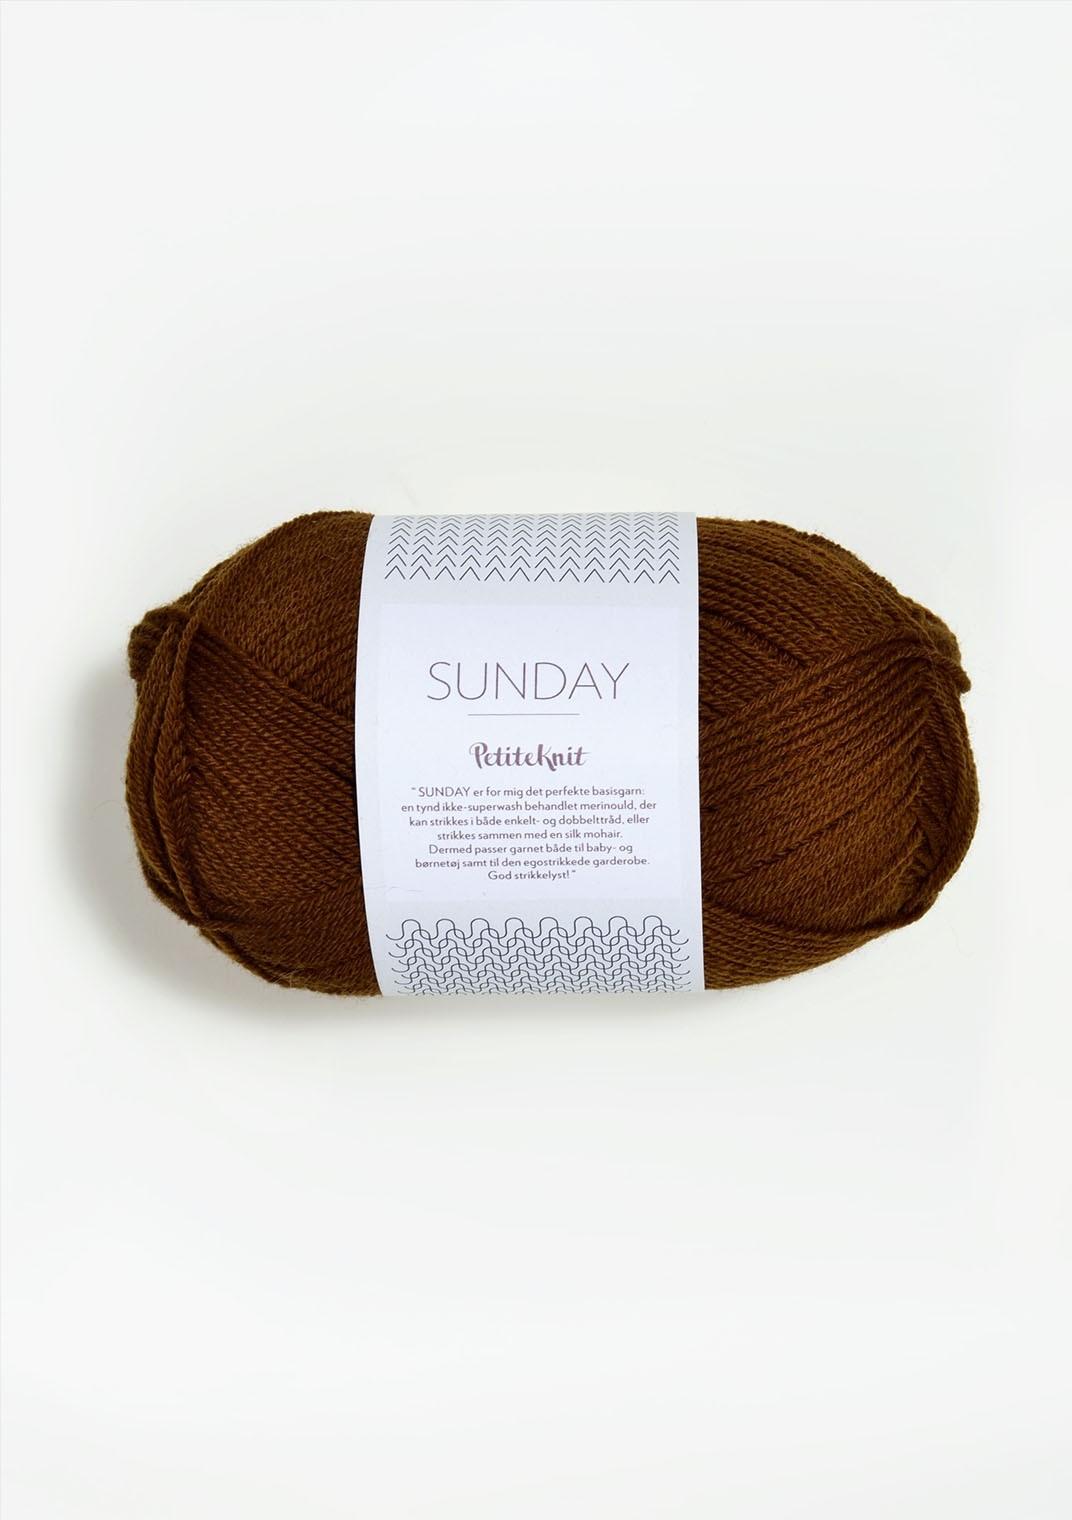 Sunday 2564 choklate truffle